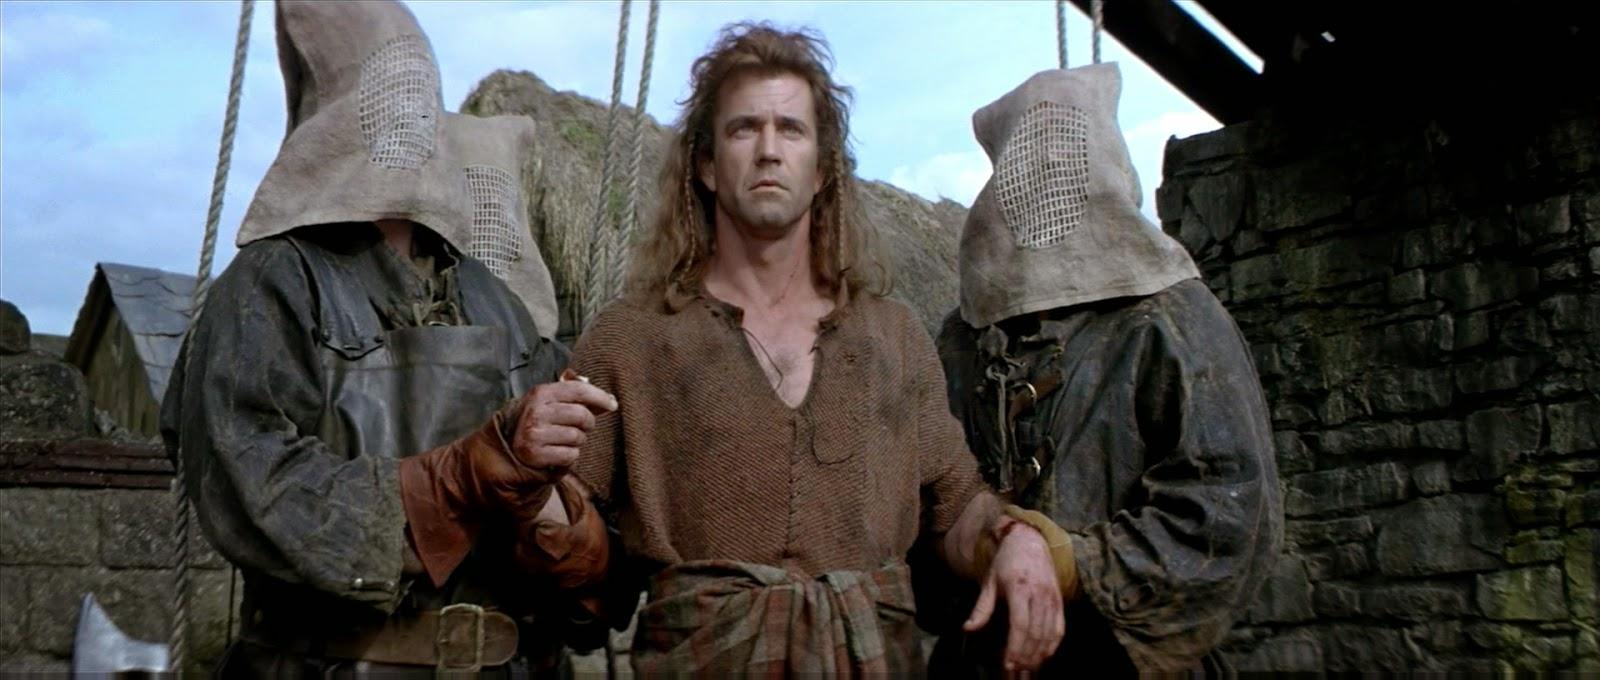 James Horner Scoring Braveheart 1995 Film Music Central